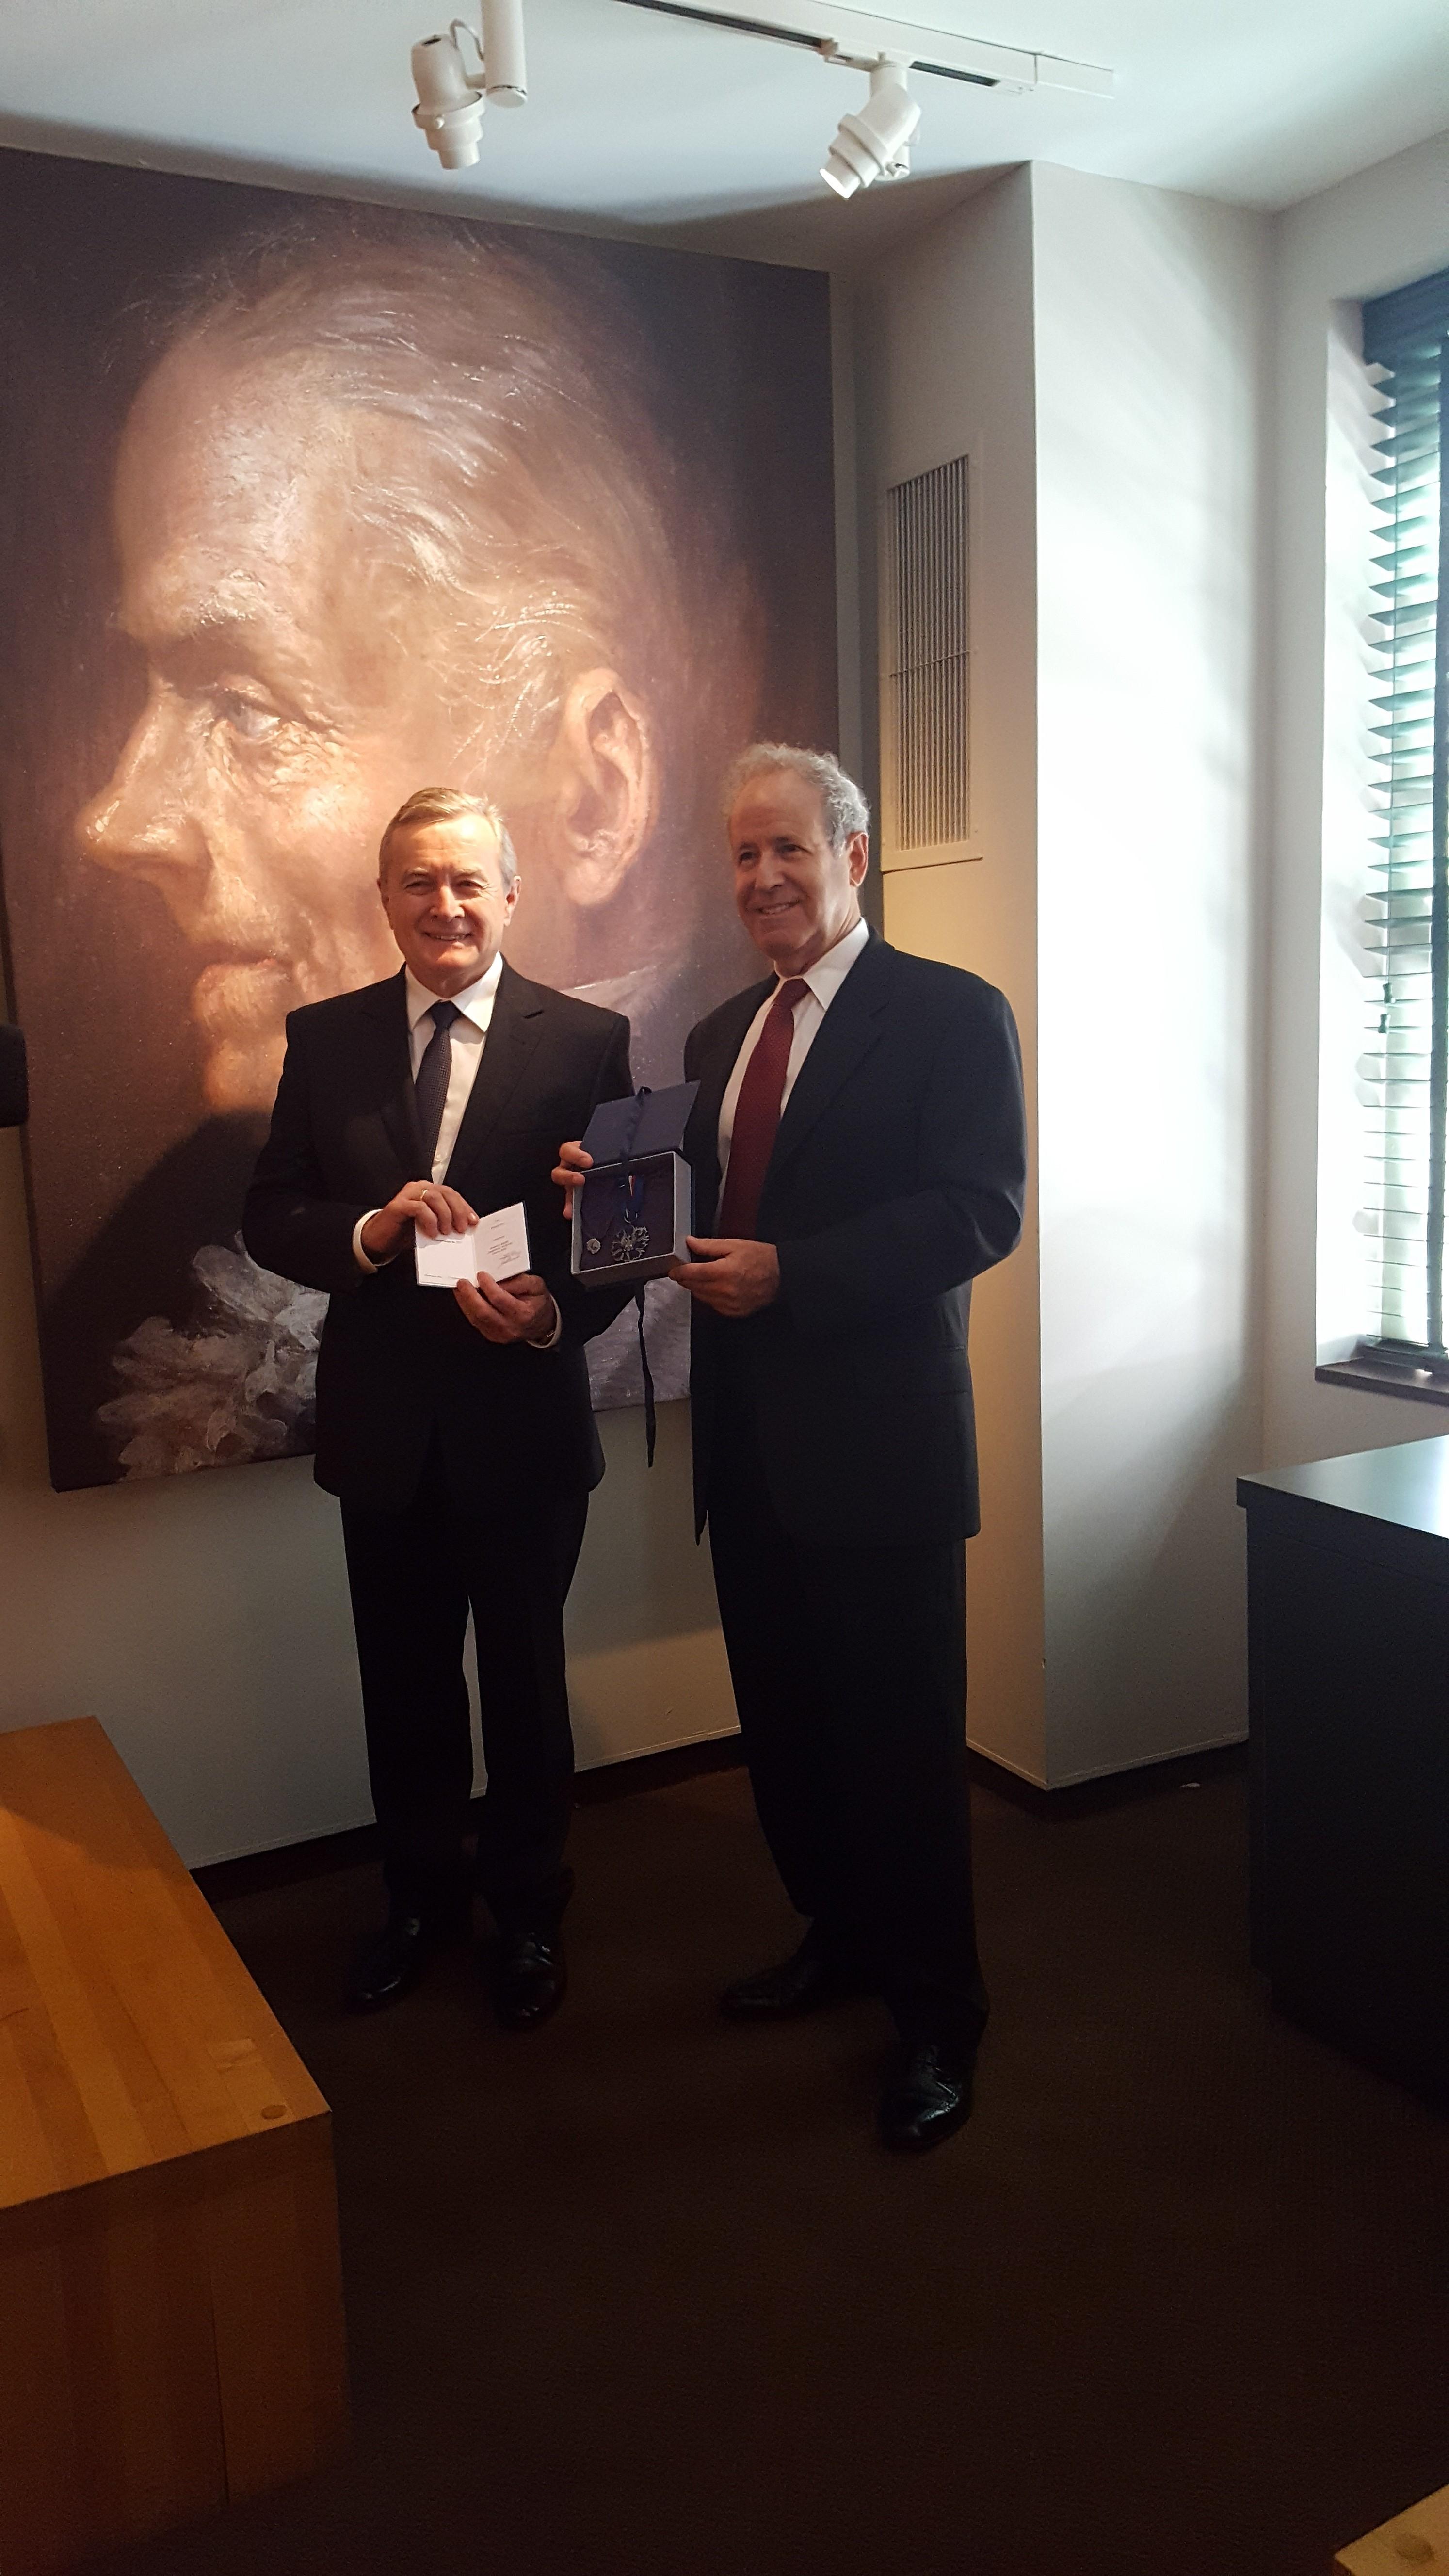 Wreczenie medalu Zasluzony Kulturze Gloria Artis dla Franka Fox (odbiera syn)